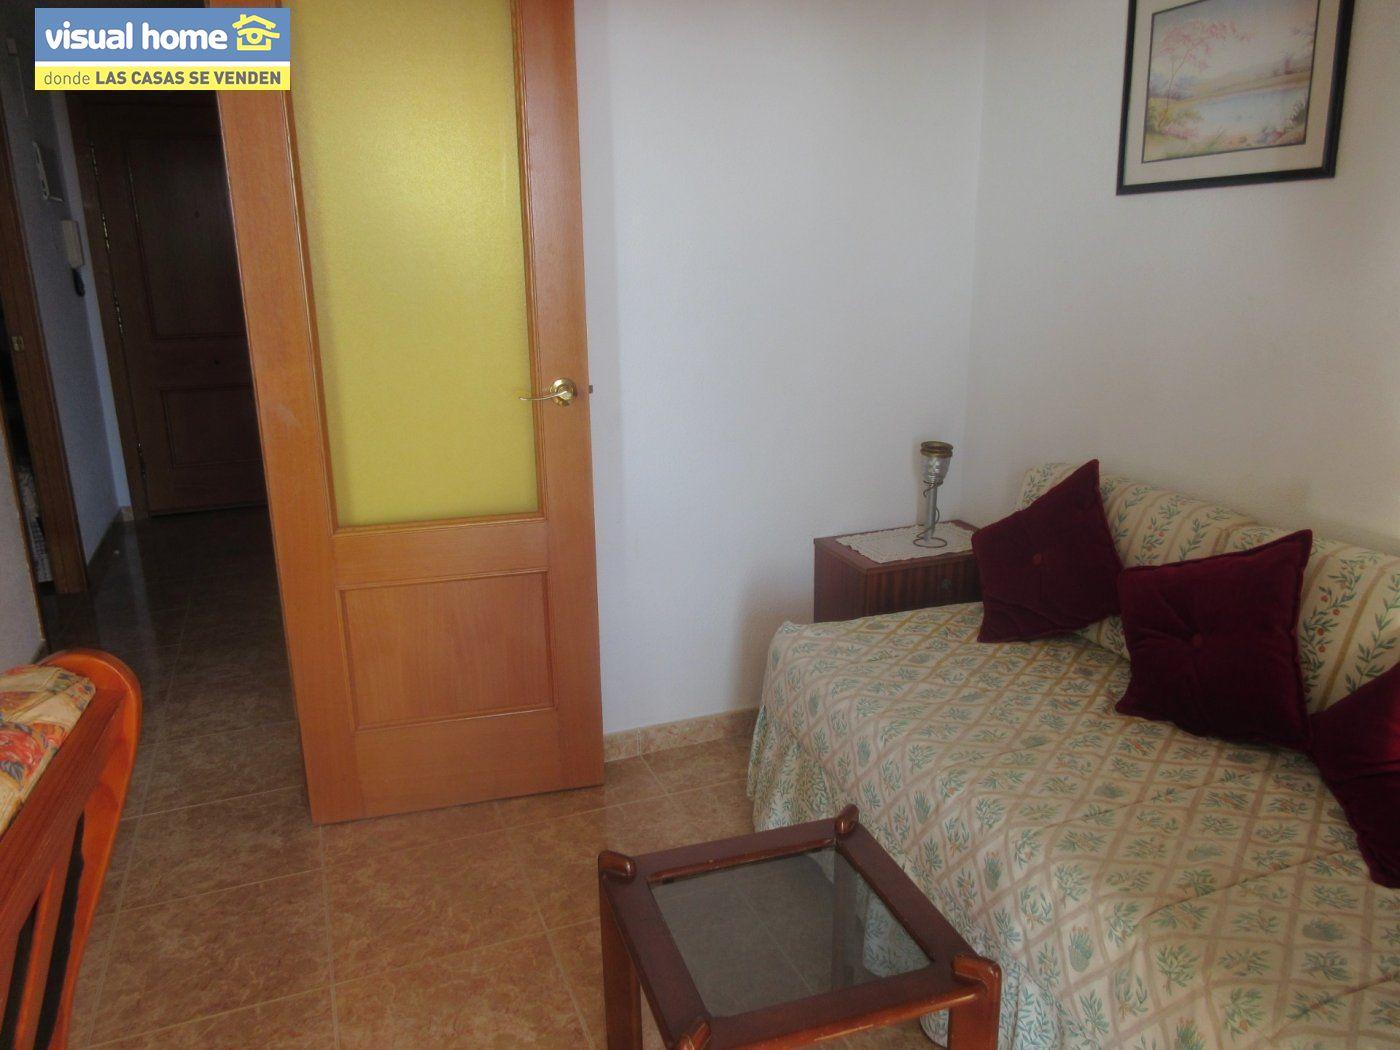 Apartamento 1 dormitorio con vistas espectaculares con parking y piscina en Rincón de Loix llano 11